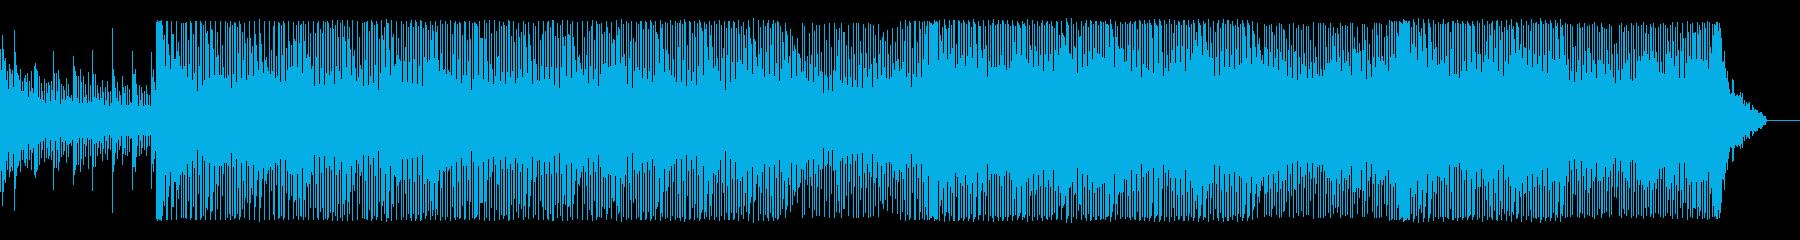 技術系VPに最適な疾走感あるテクノEDMの再生済みの波形